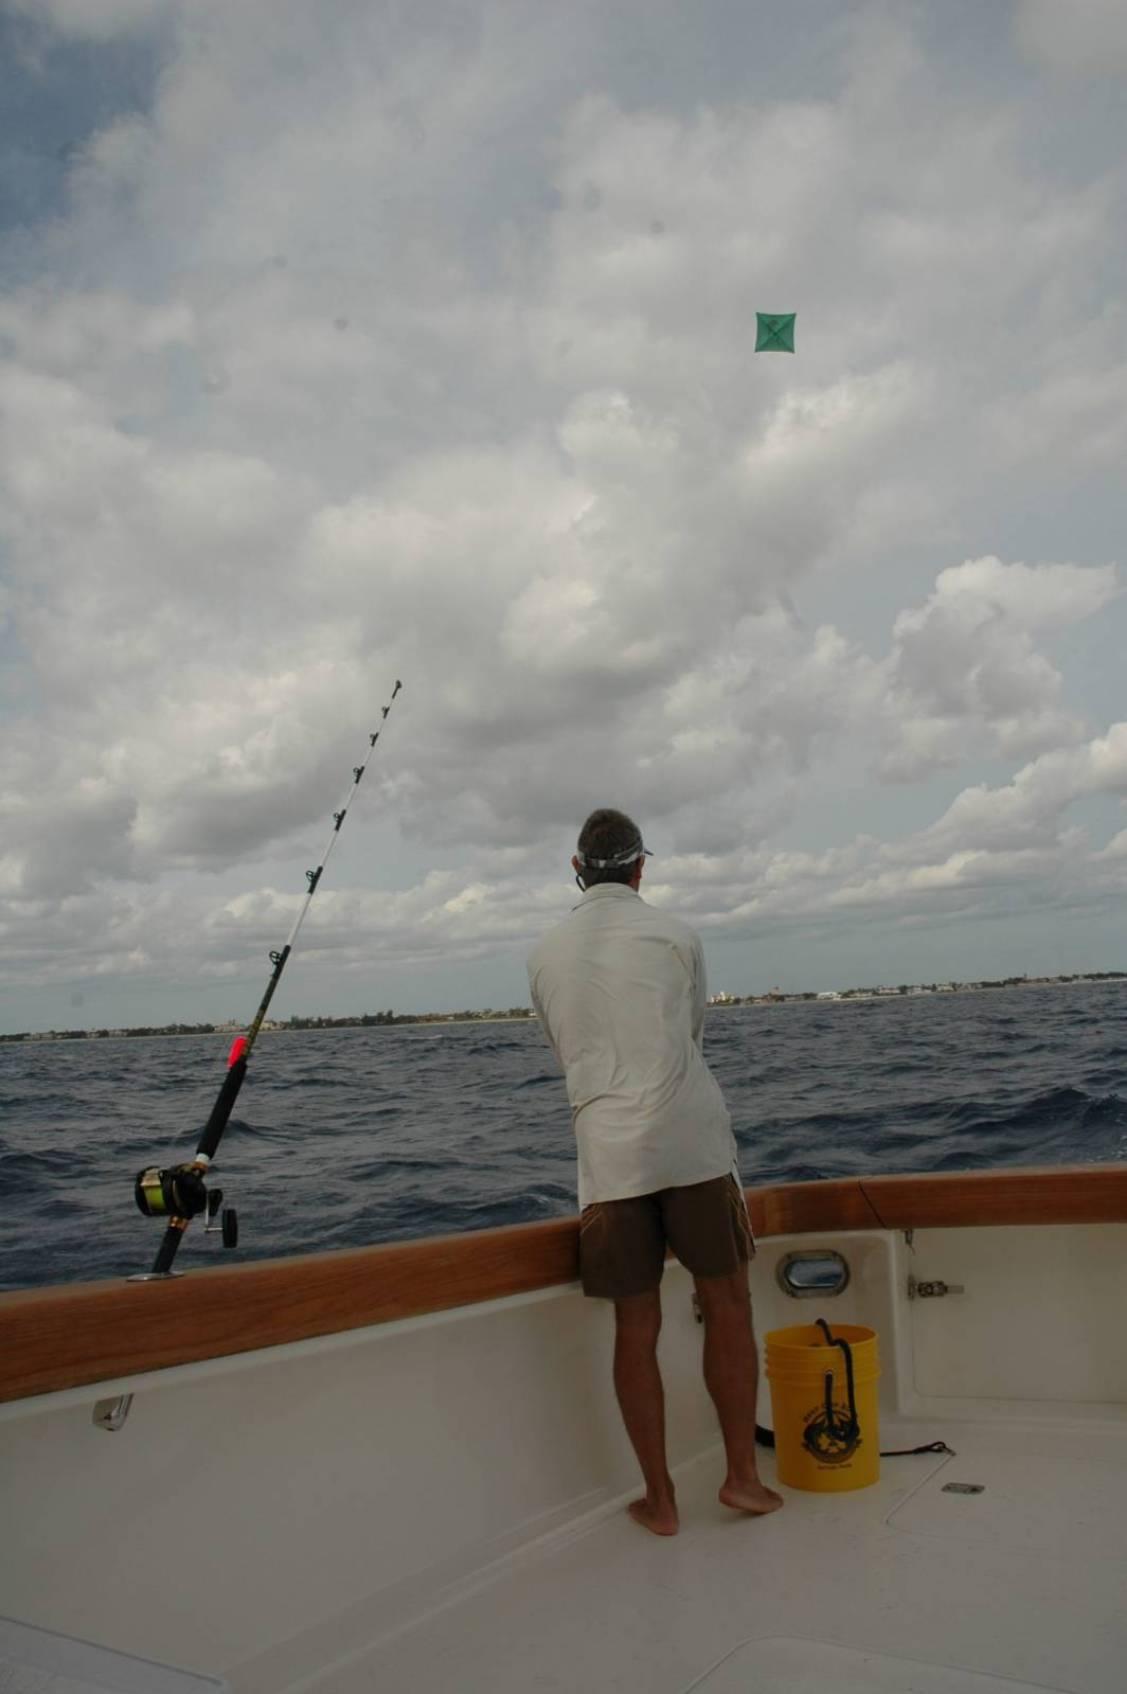 Il momento della cala della canna trascinata fuori dalla poppa della barca dall'azione dell'aquilone